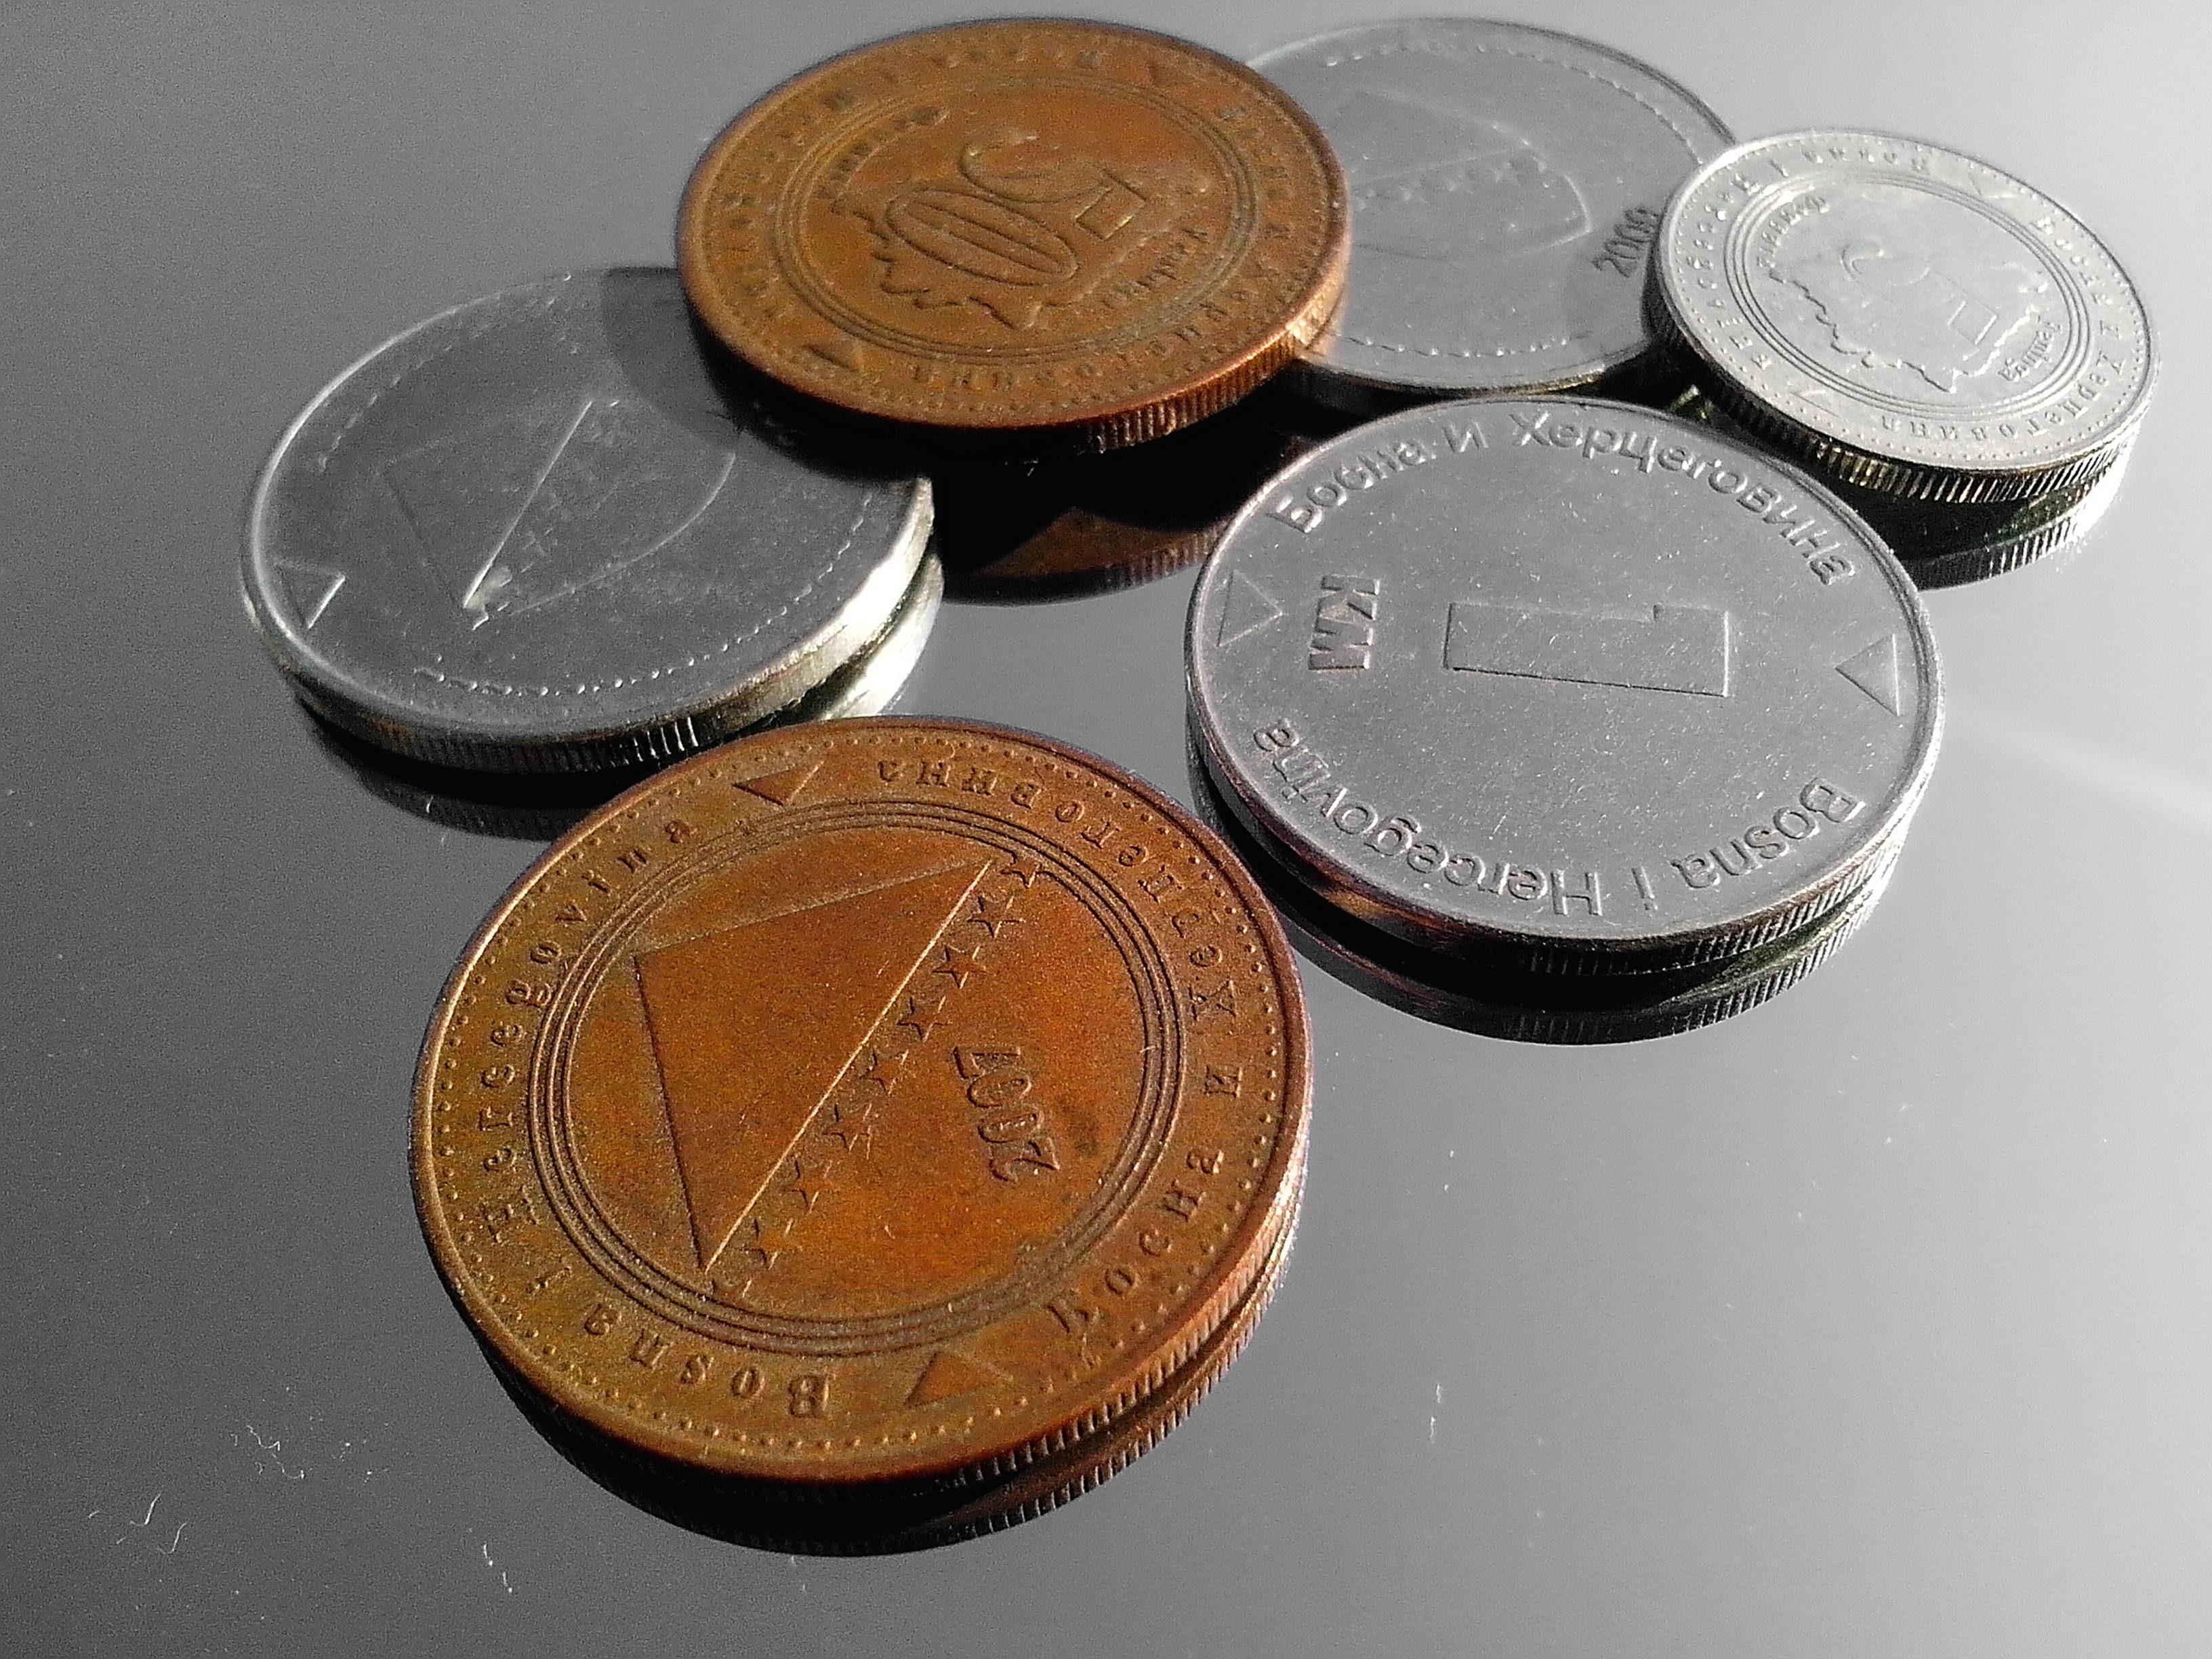 Kostenlose Bild: Bosnien und Herzegowina, Metall-Münzen